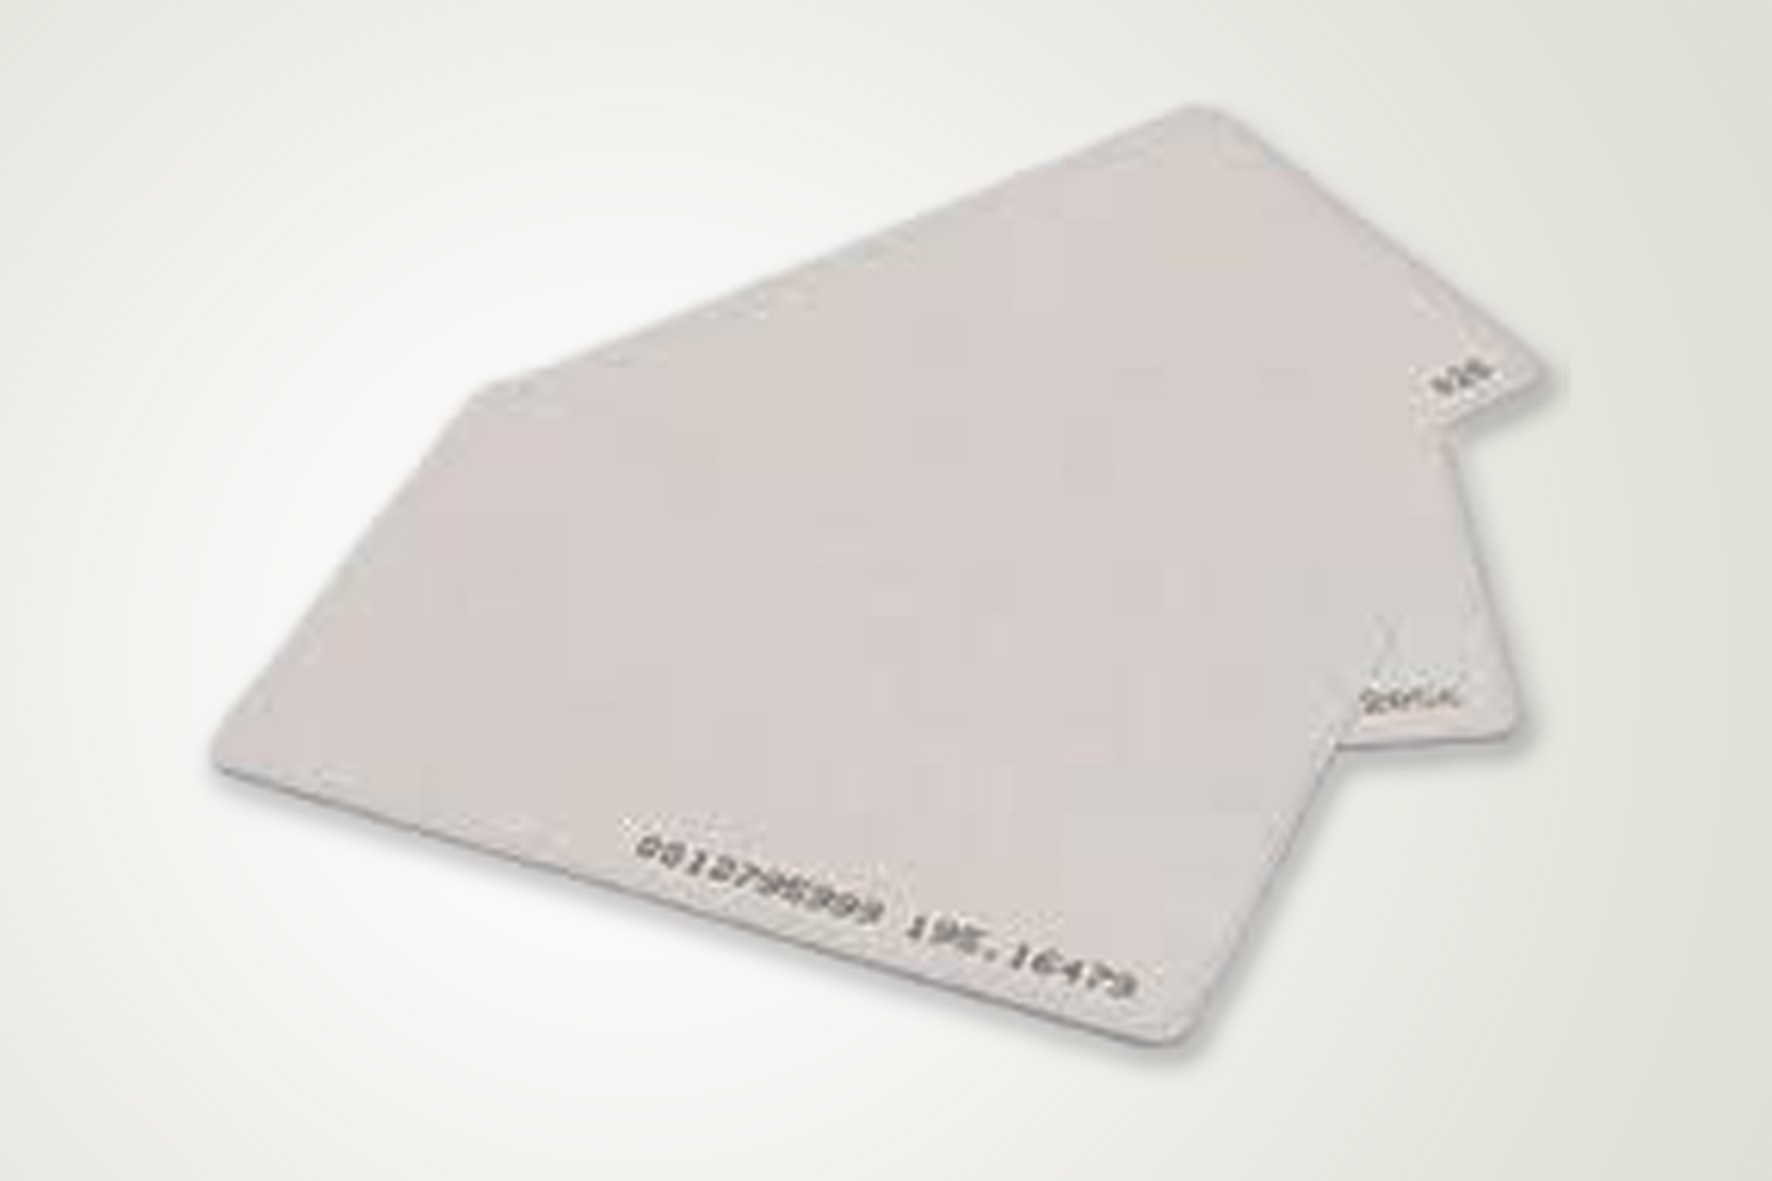 Cartões com Chip de Proximidade na Chácara Itaim - Crachá de Identificação